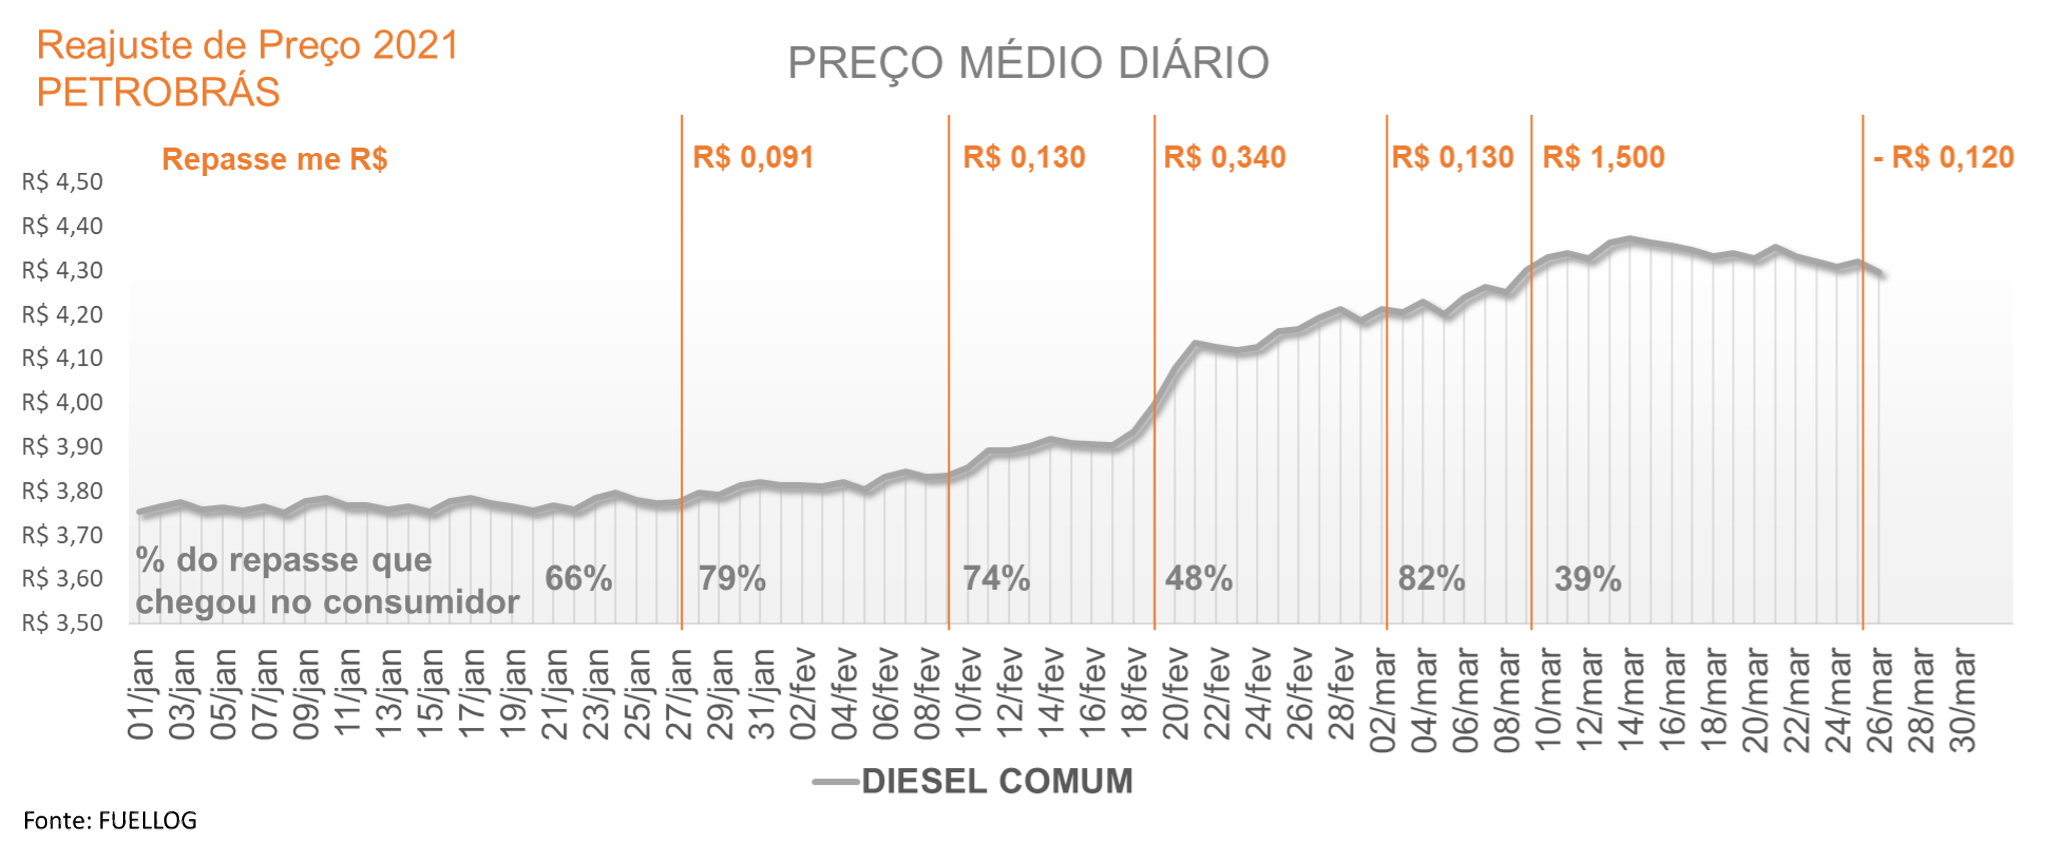 Tabela com o repasse do reajuste no preço do diesel comum em 2021